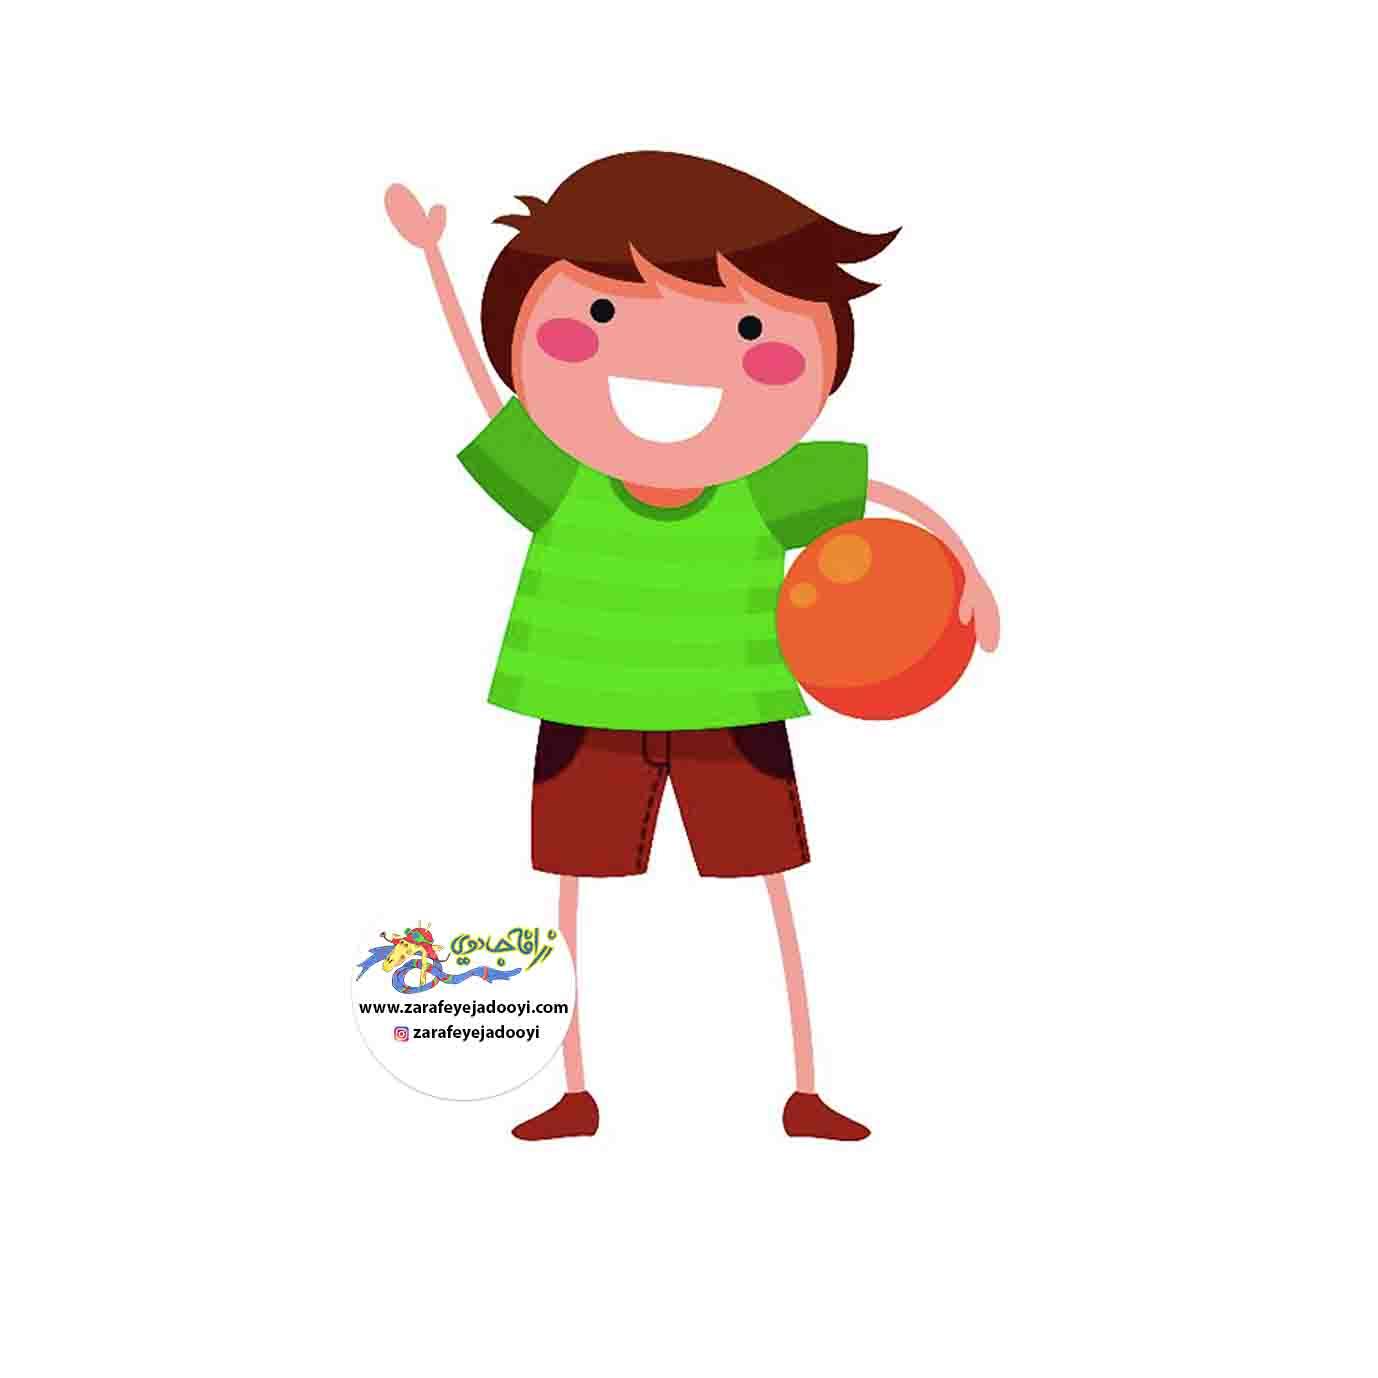 زرافه جادویی - تقویت رشد اجتماعی کودک به وسیله والدین